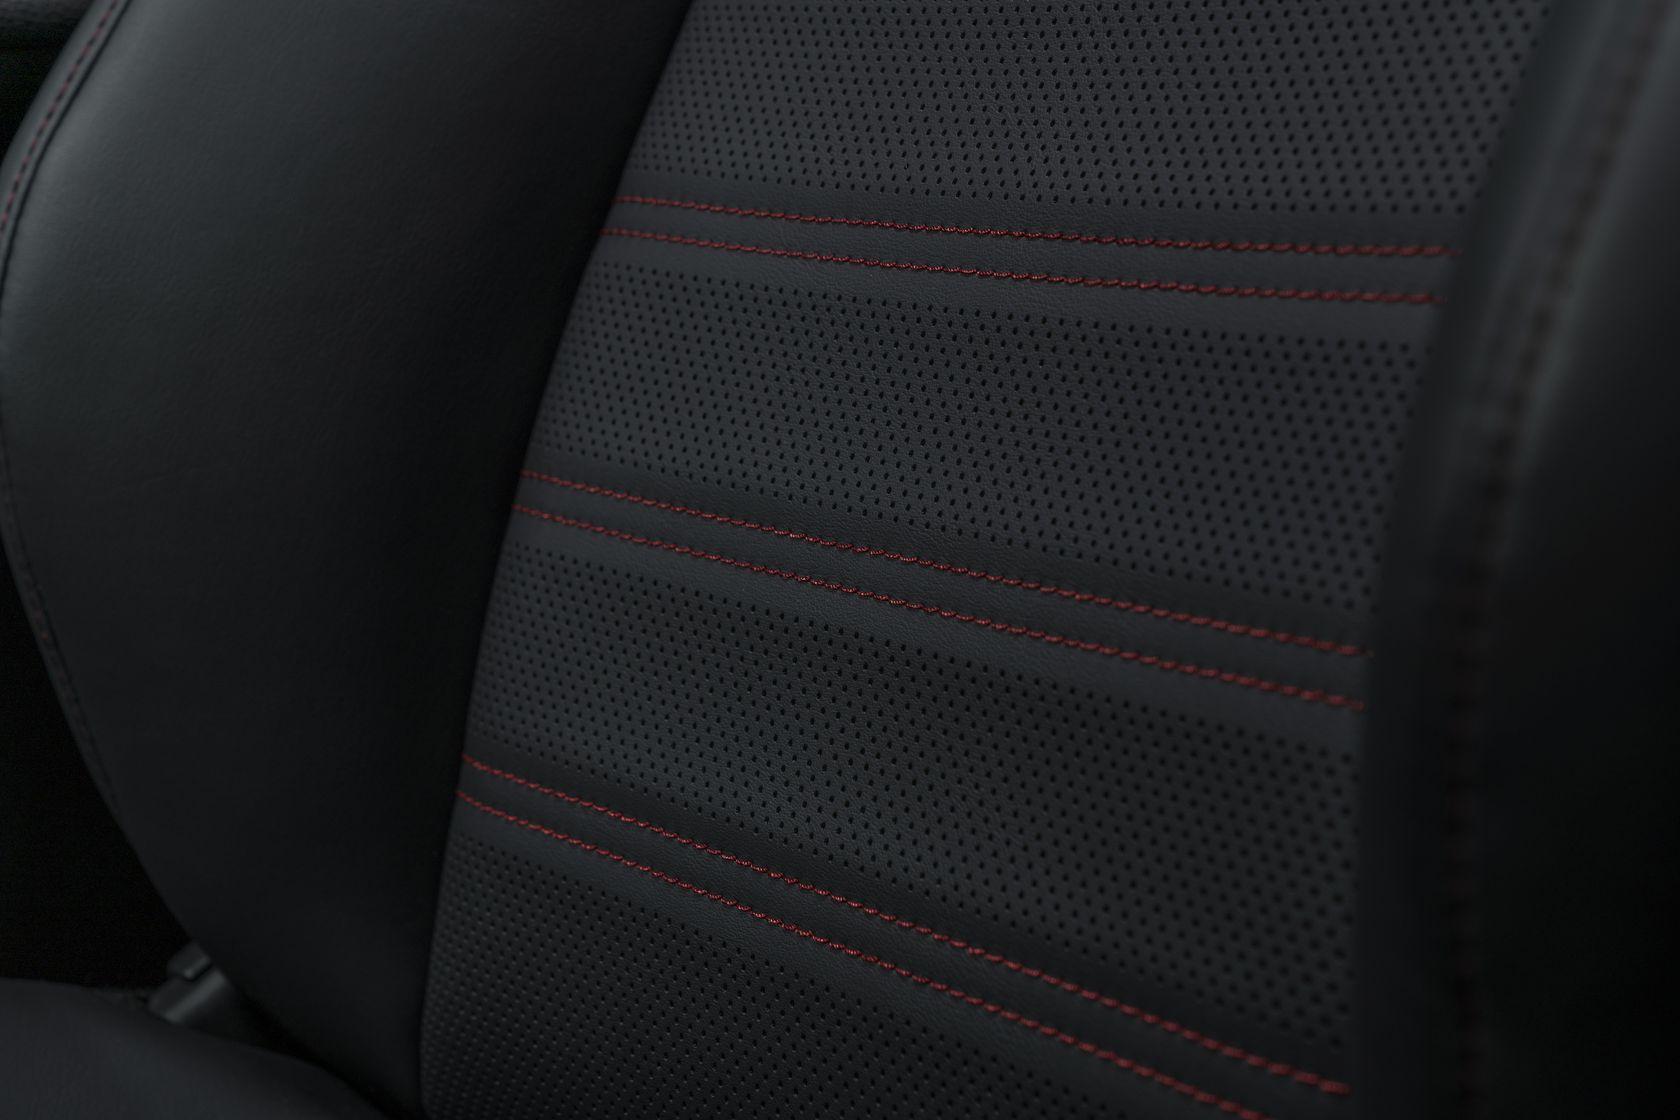 2021 RAV4-Prime Interior 10